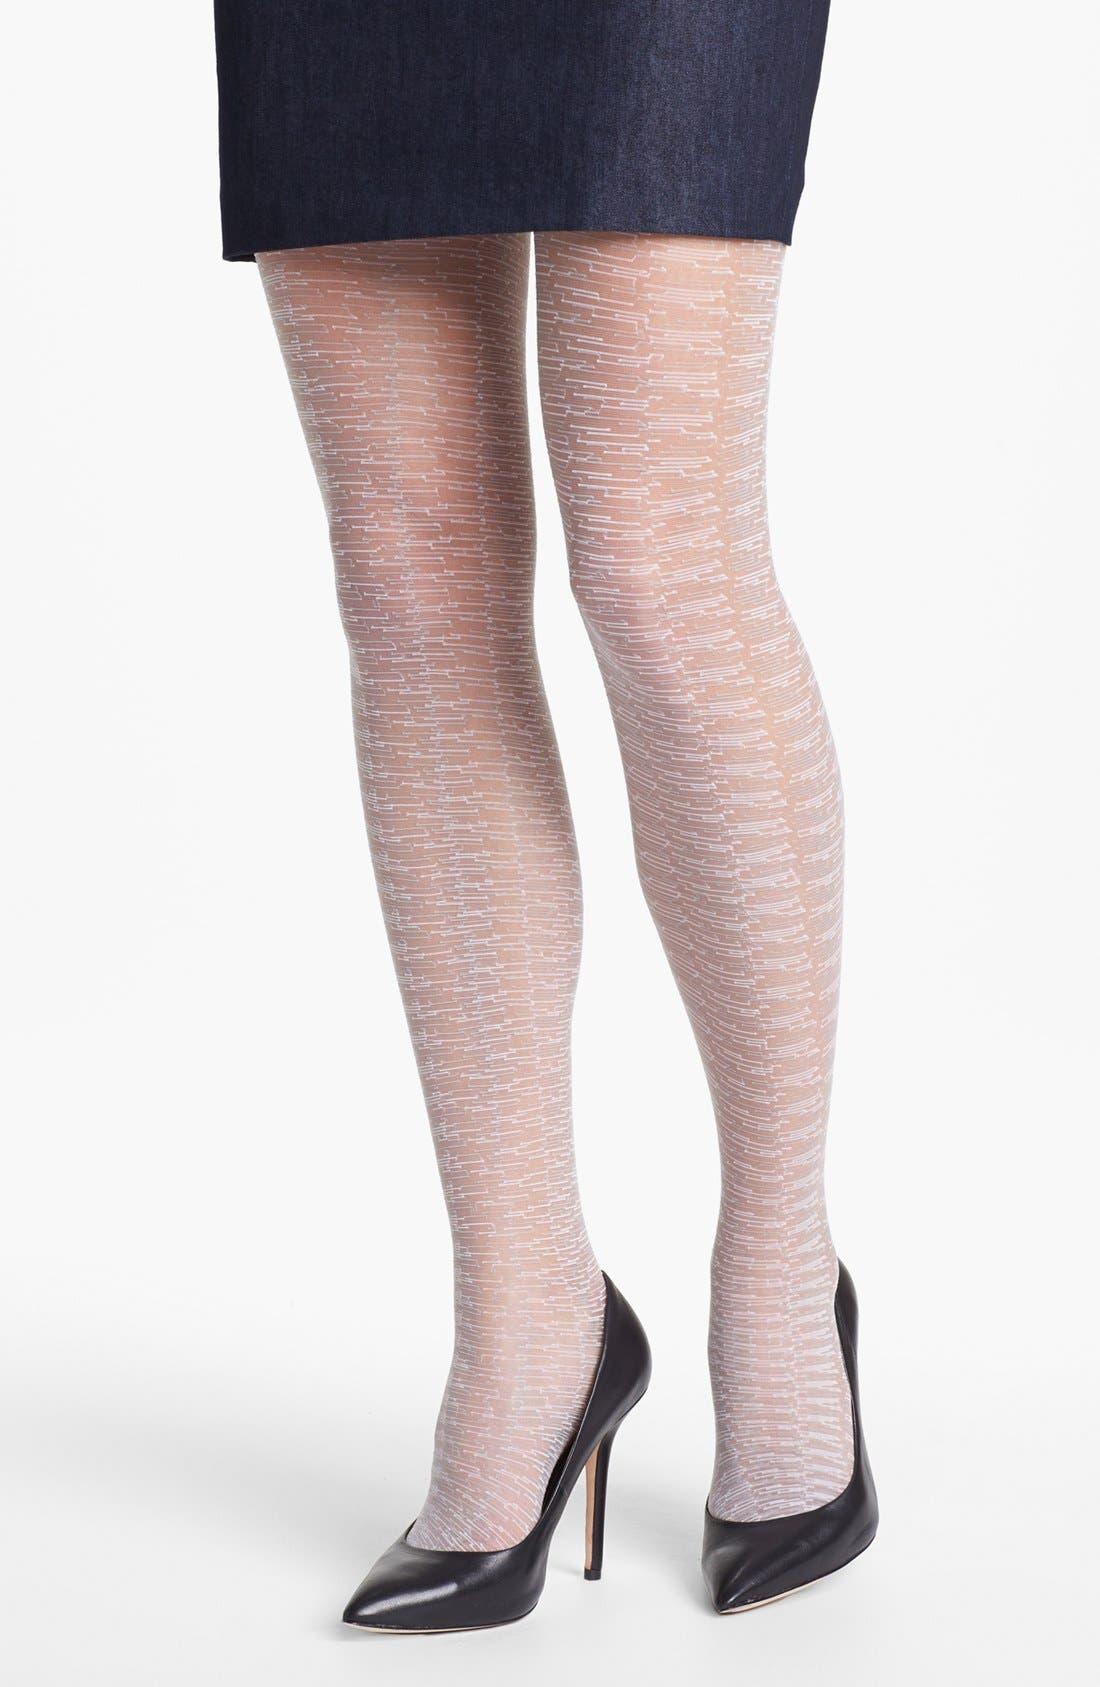 Main Image - Calvin Klein Sheer Textured Pantyhose